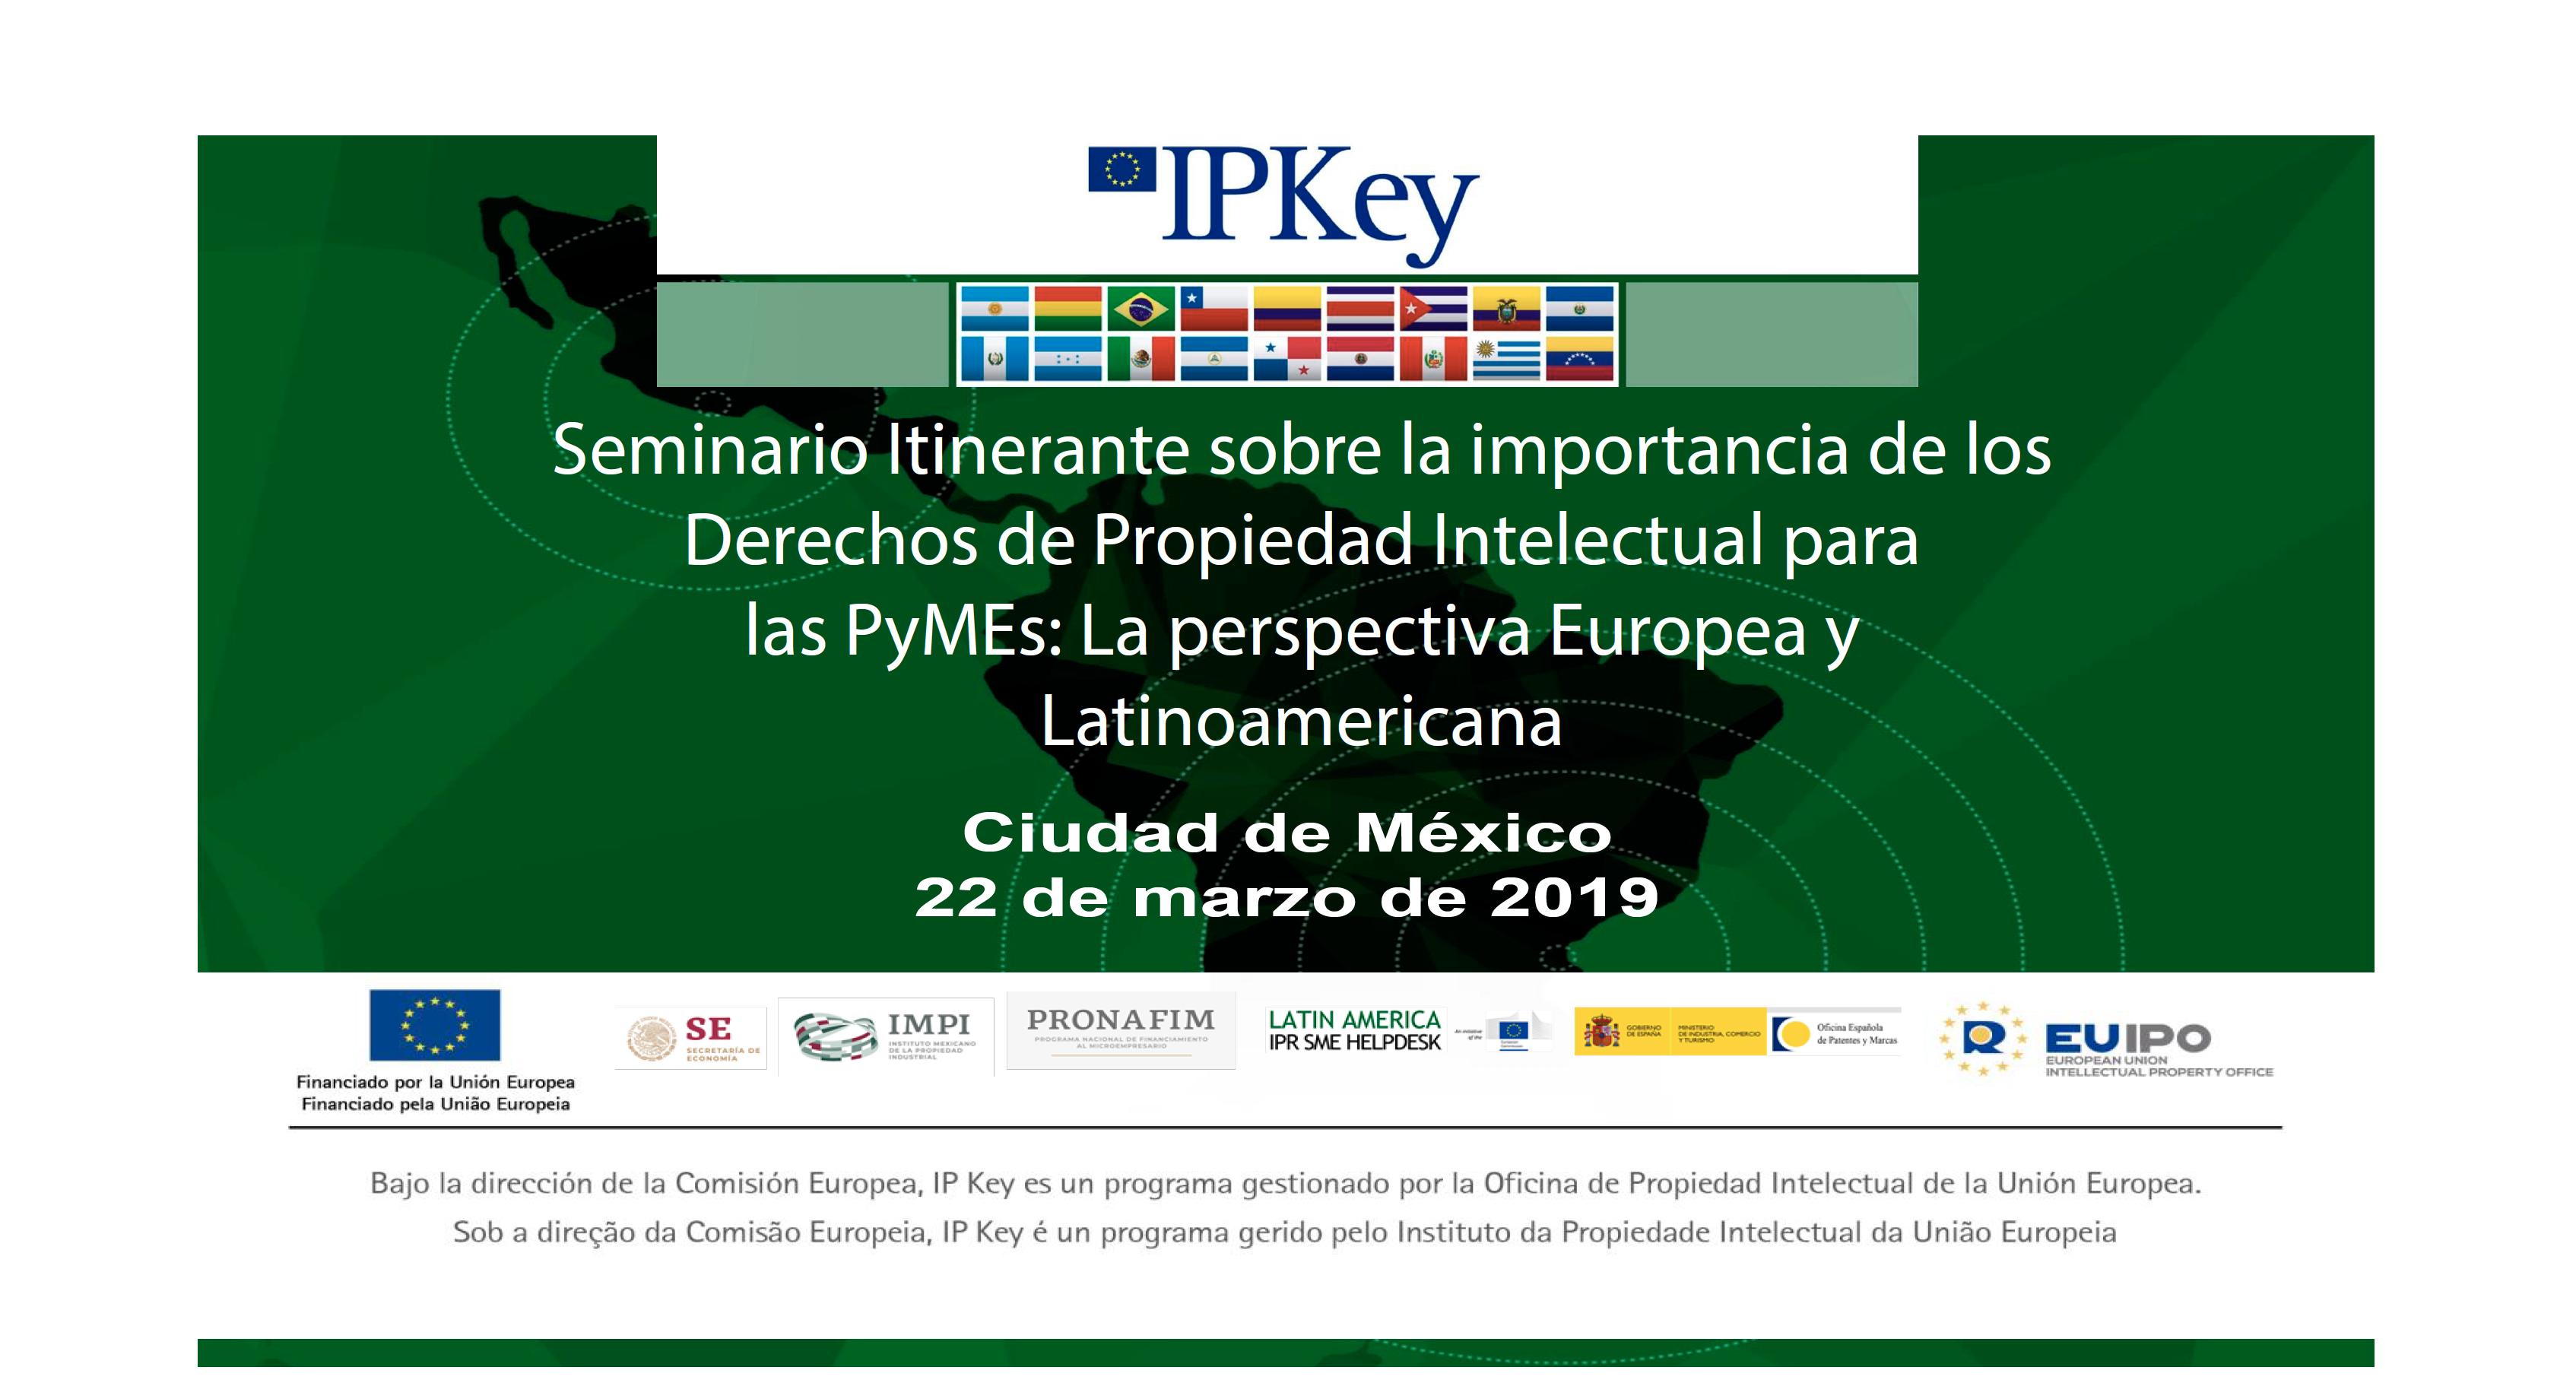 IP Key 2019